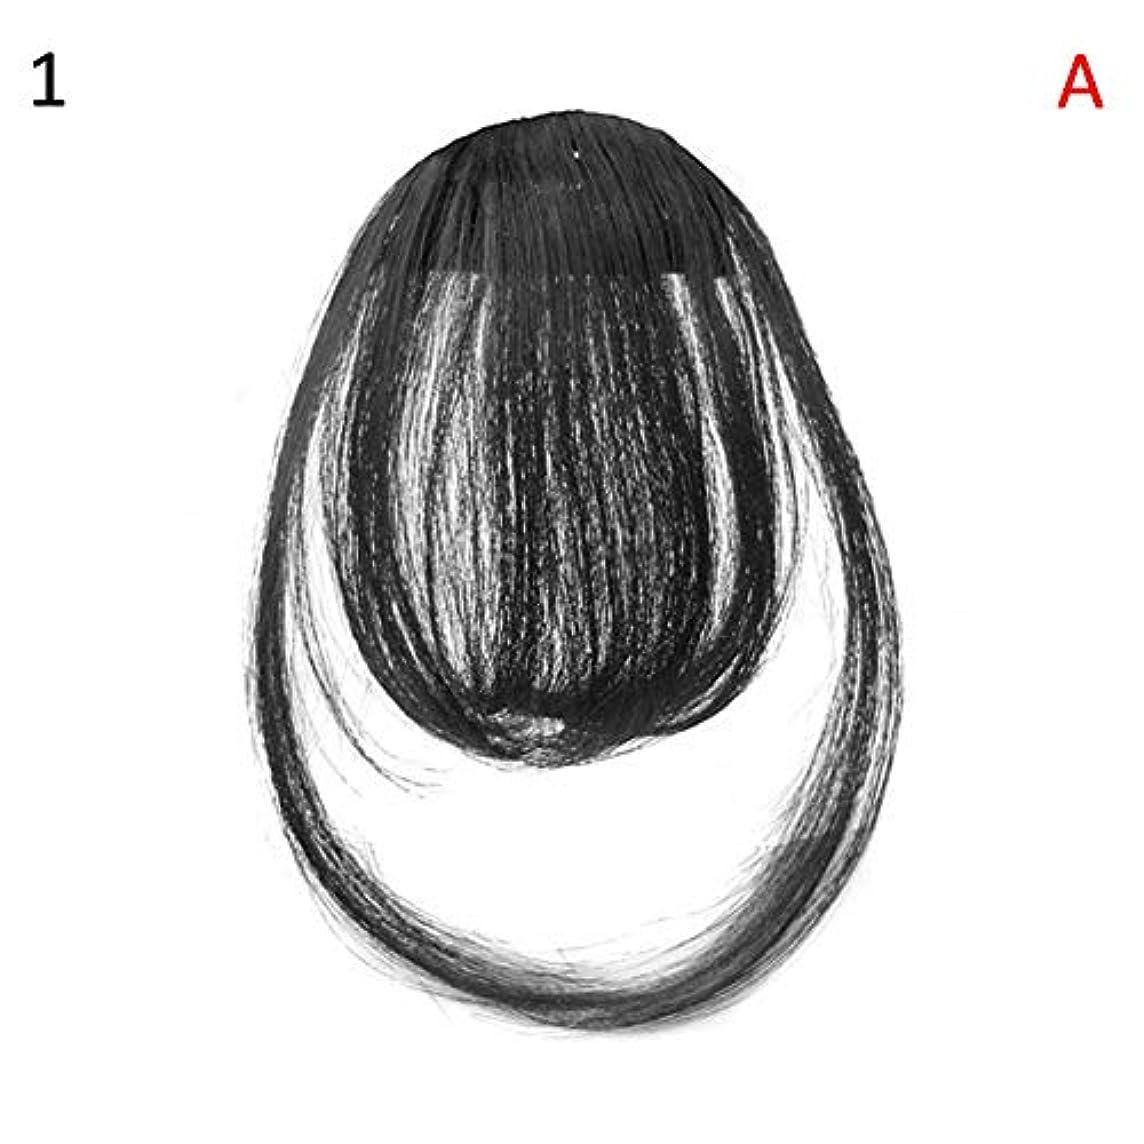 絶壁安全でない仕様slQinjiansav女性ウィッグ修理ツールファッションレディース薄いクリップオンエアバンフロントフリンジウィッグヘアエクステンションヘアピース